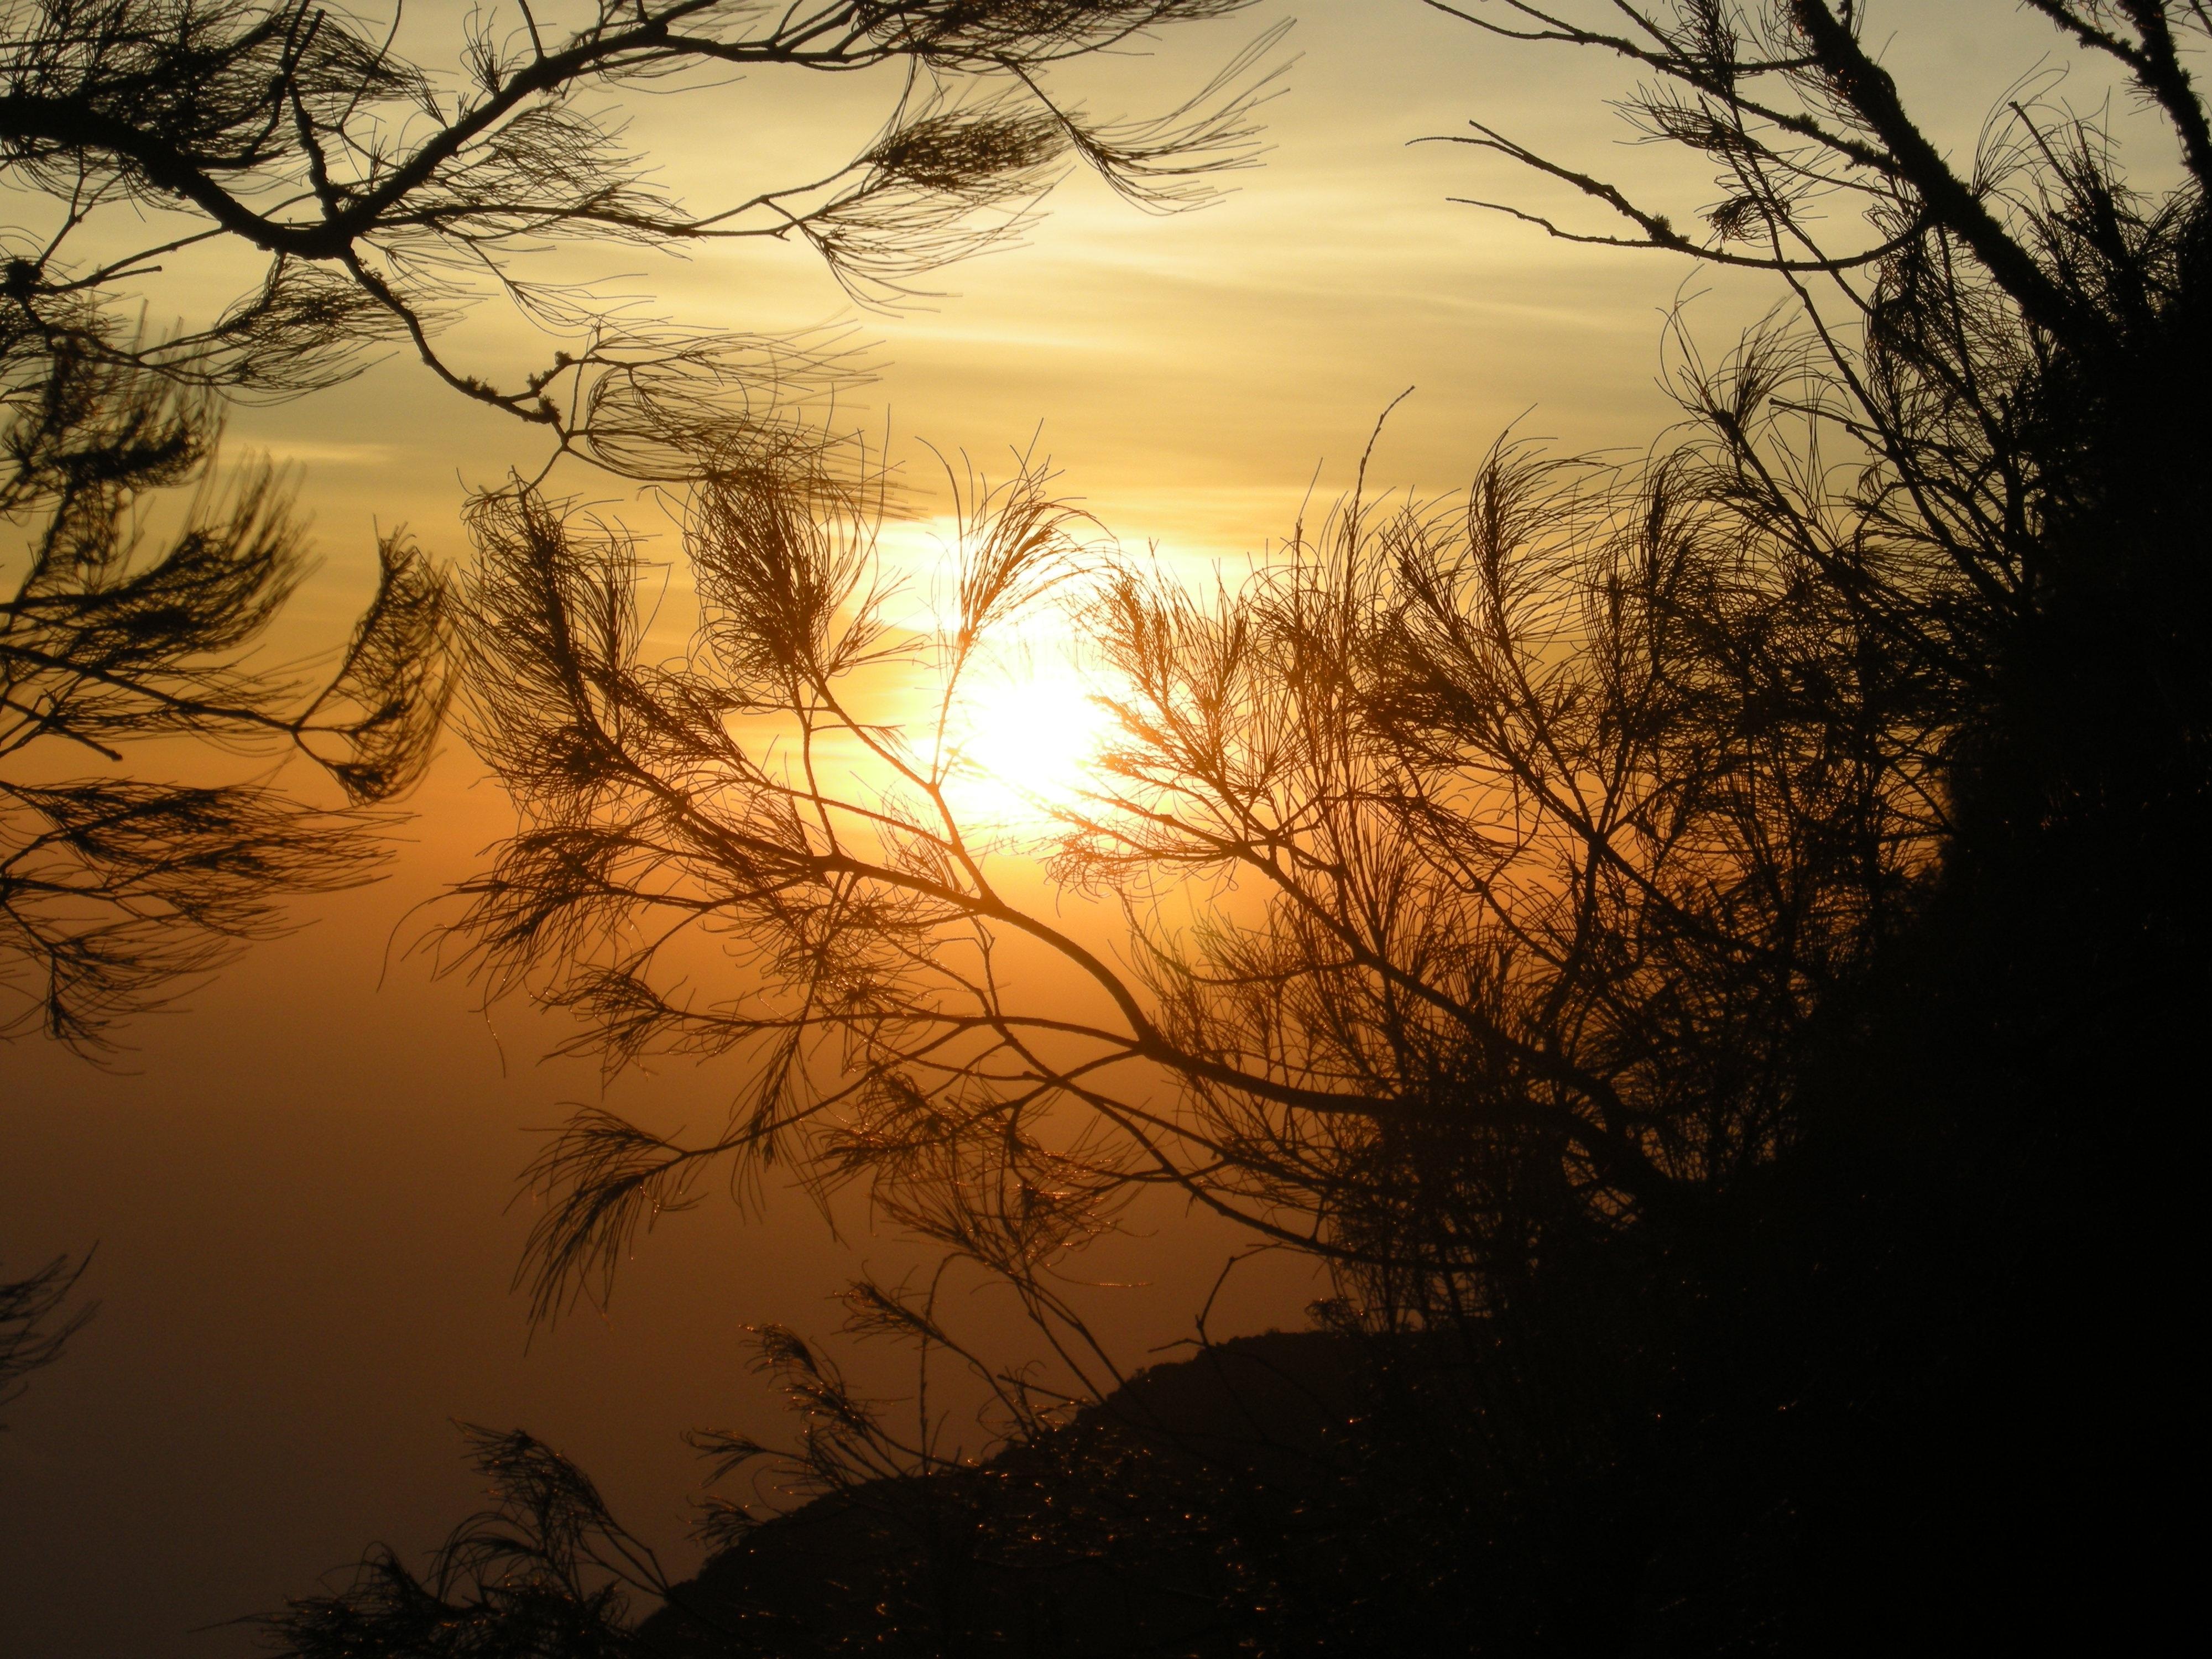 Фото с восходом солнца тени